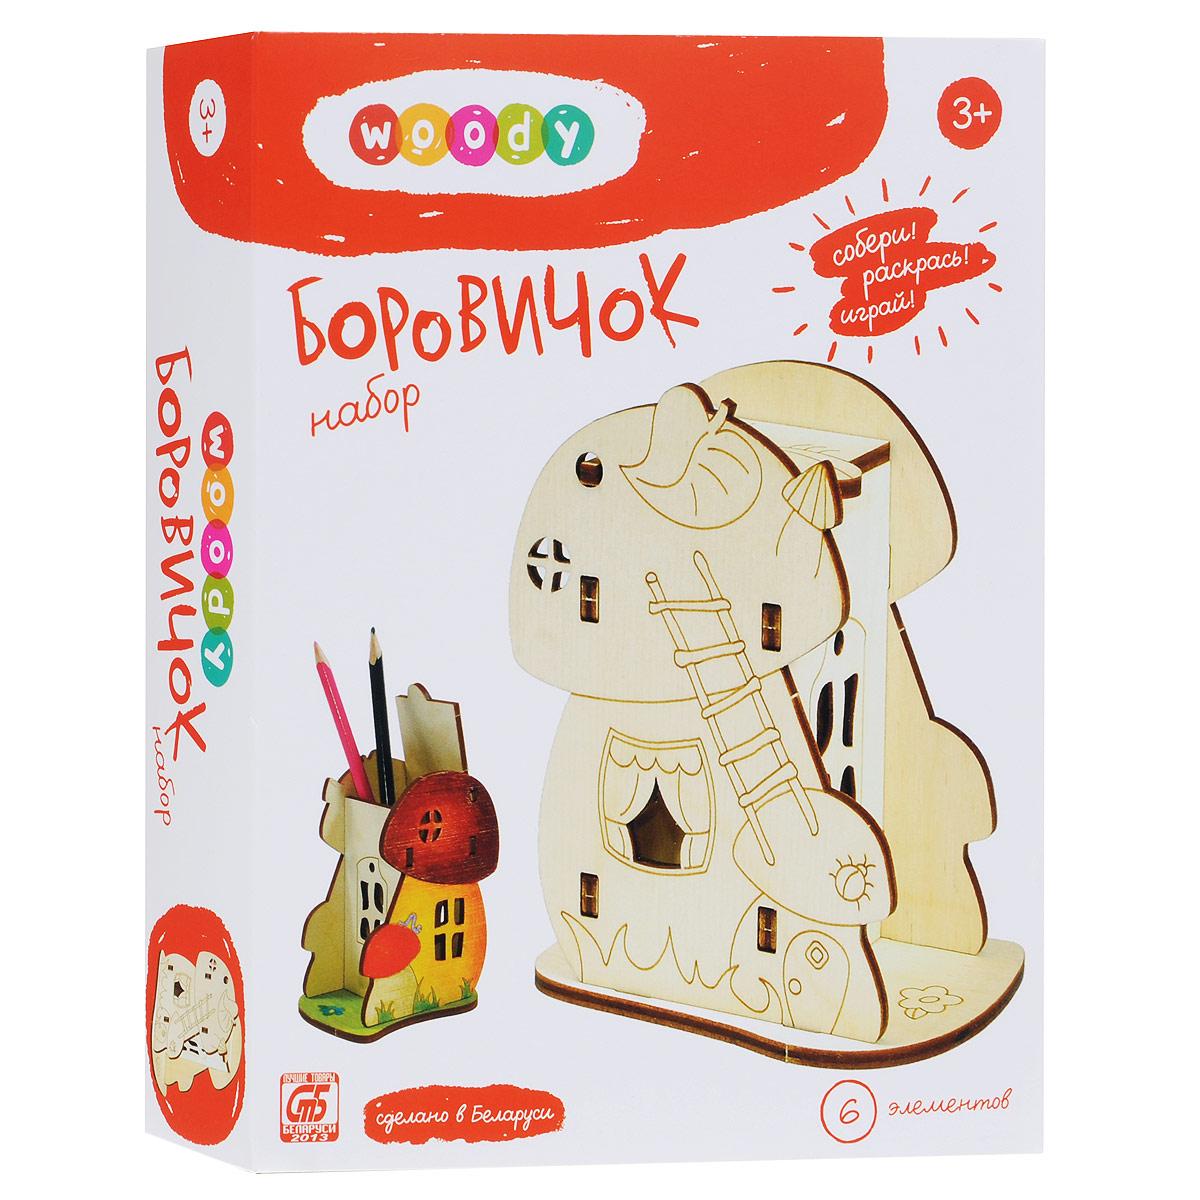 Woody Конструктор БоровичокWI-00631Деревянный набор Woody Боровичок из серии Сказочные домики - объемный конструктор, который станет отличным тренажером для развития навыков конструирования у вашего ребенка. Набор включает в себя 6 деревянных элементов, из которых ребенок сможет собрать сказочный домик в виде гриба, который послужит карандашницей или полезной шкатулкой для мелких предметов и украсит интерьер детской комнаты. Разукрасить его можно по своему вкусу, ведь сделан он из дерева без пропиток и красителей. Правильно собрать набор ребенку поможет иллюстрированная инструкция на русском языке. Также малыш познакомится с Лесовичком в сказке Грибная опушка (на обратной стороне инструкции). Сборка конструктора поможет ребенку развить мелкую моторику рук, научиться концентрировать внимание, а также поспособствует развитию логического и абстрактного мышления и фантазии.